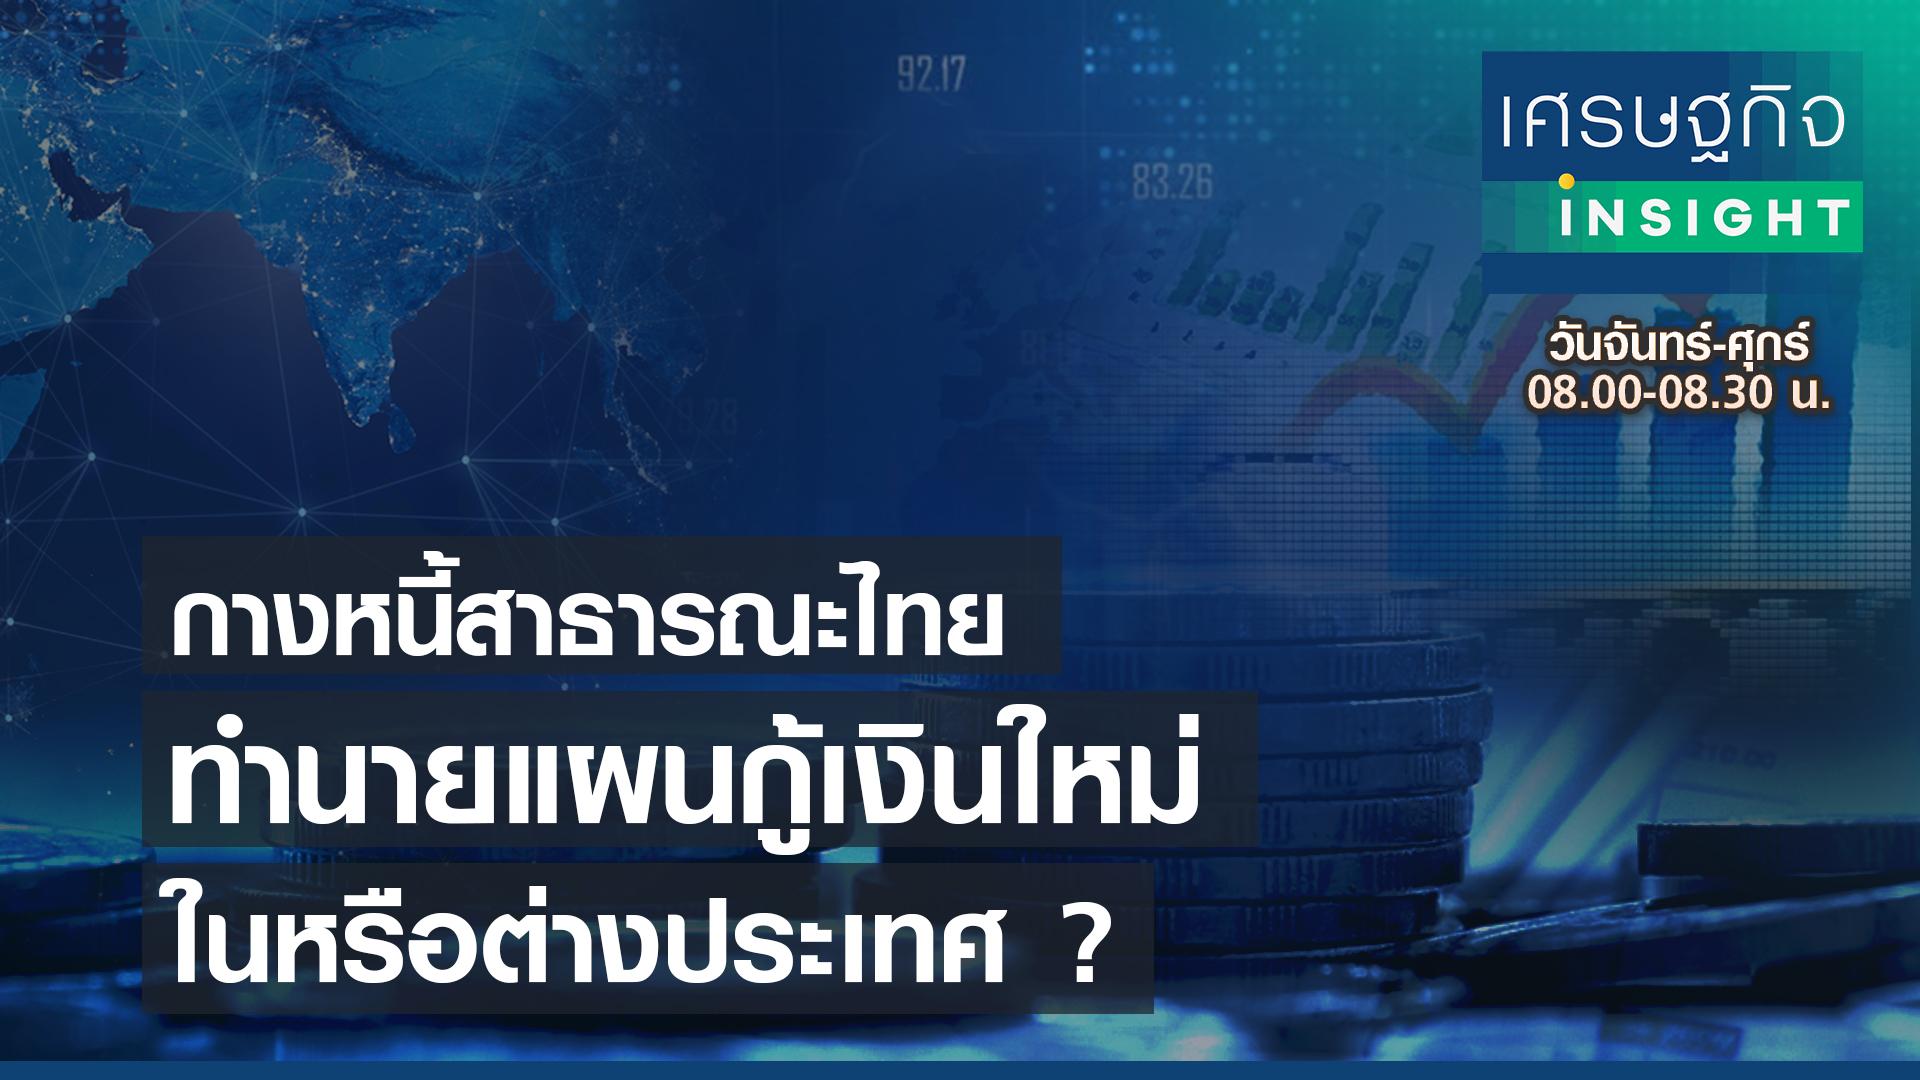 กางหนี้สาธารณะไทย ทำนายแผนกู้เงินใหม่ ในหรือต่างประเทศ?